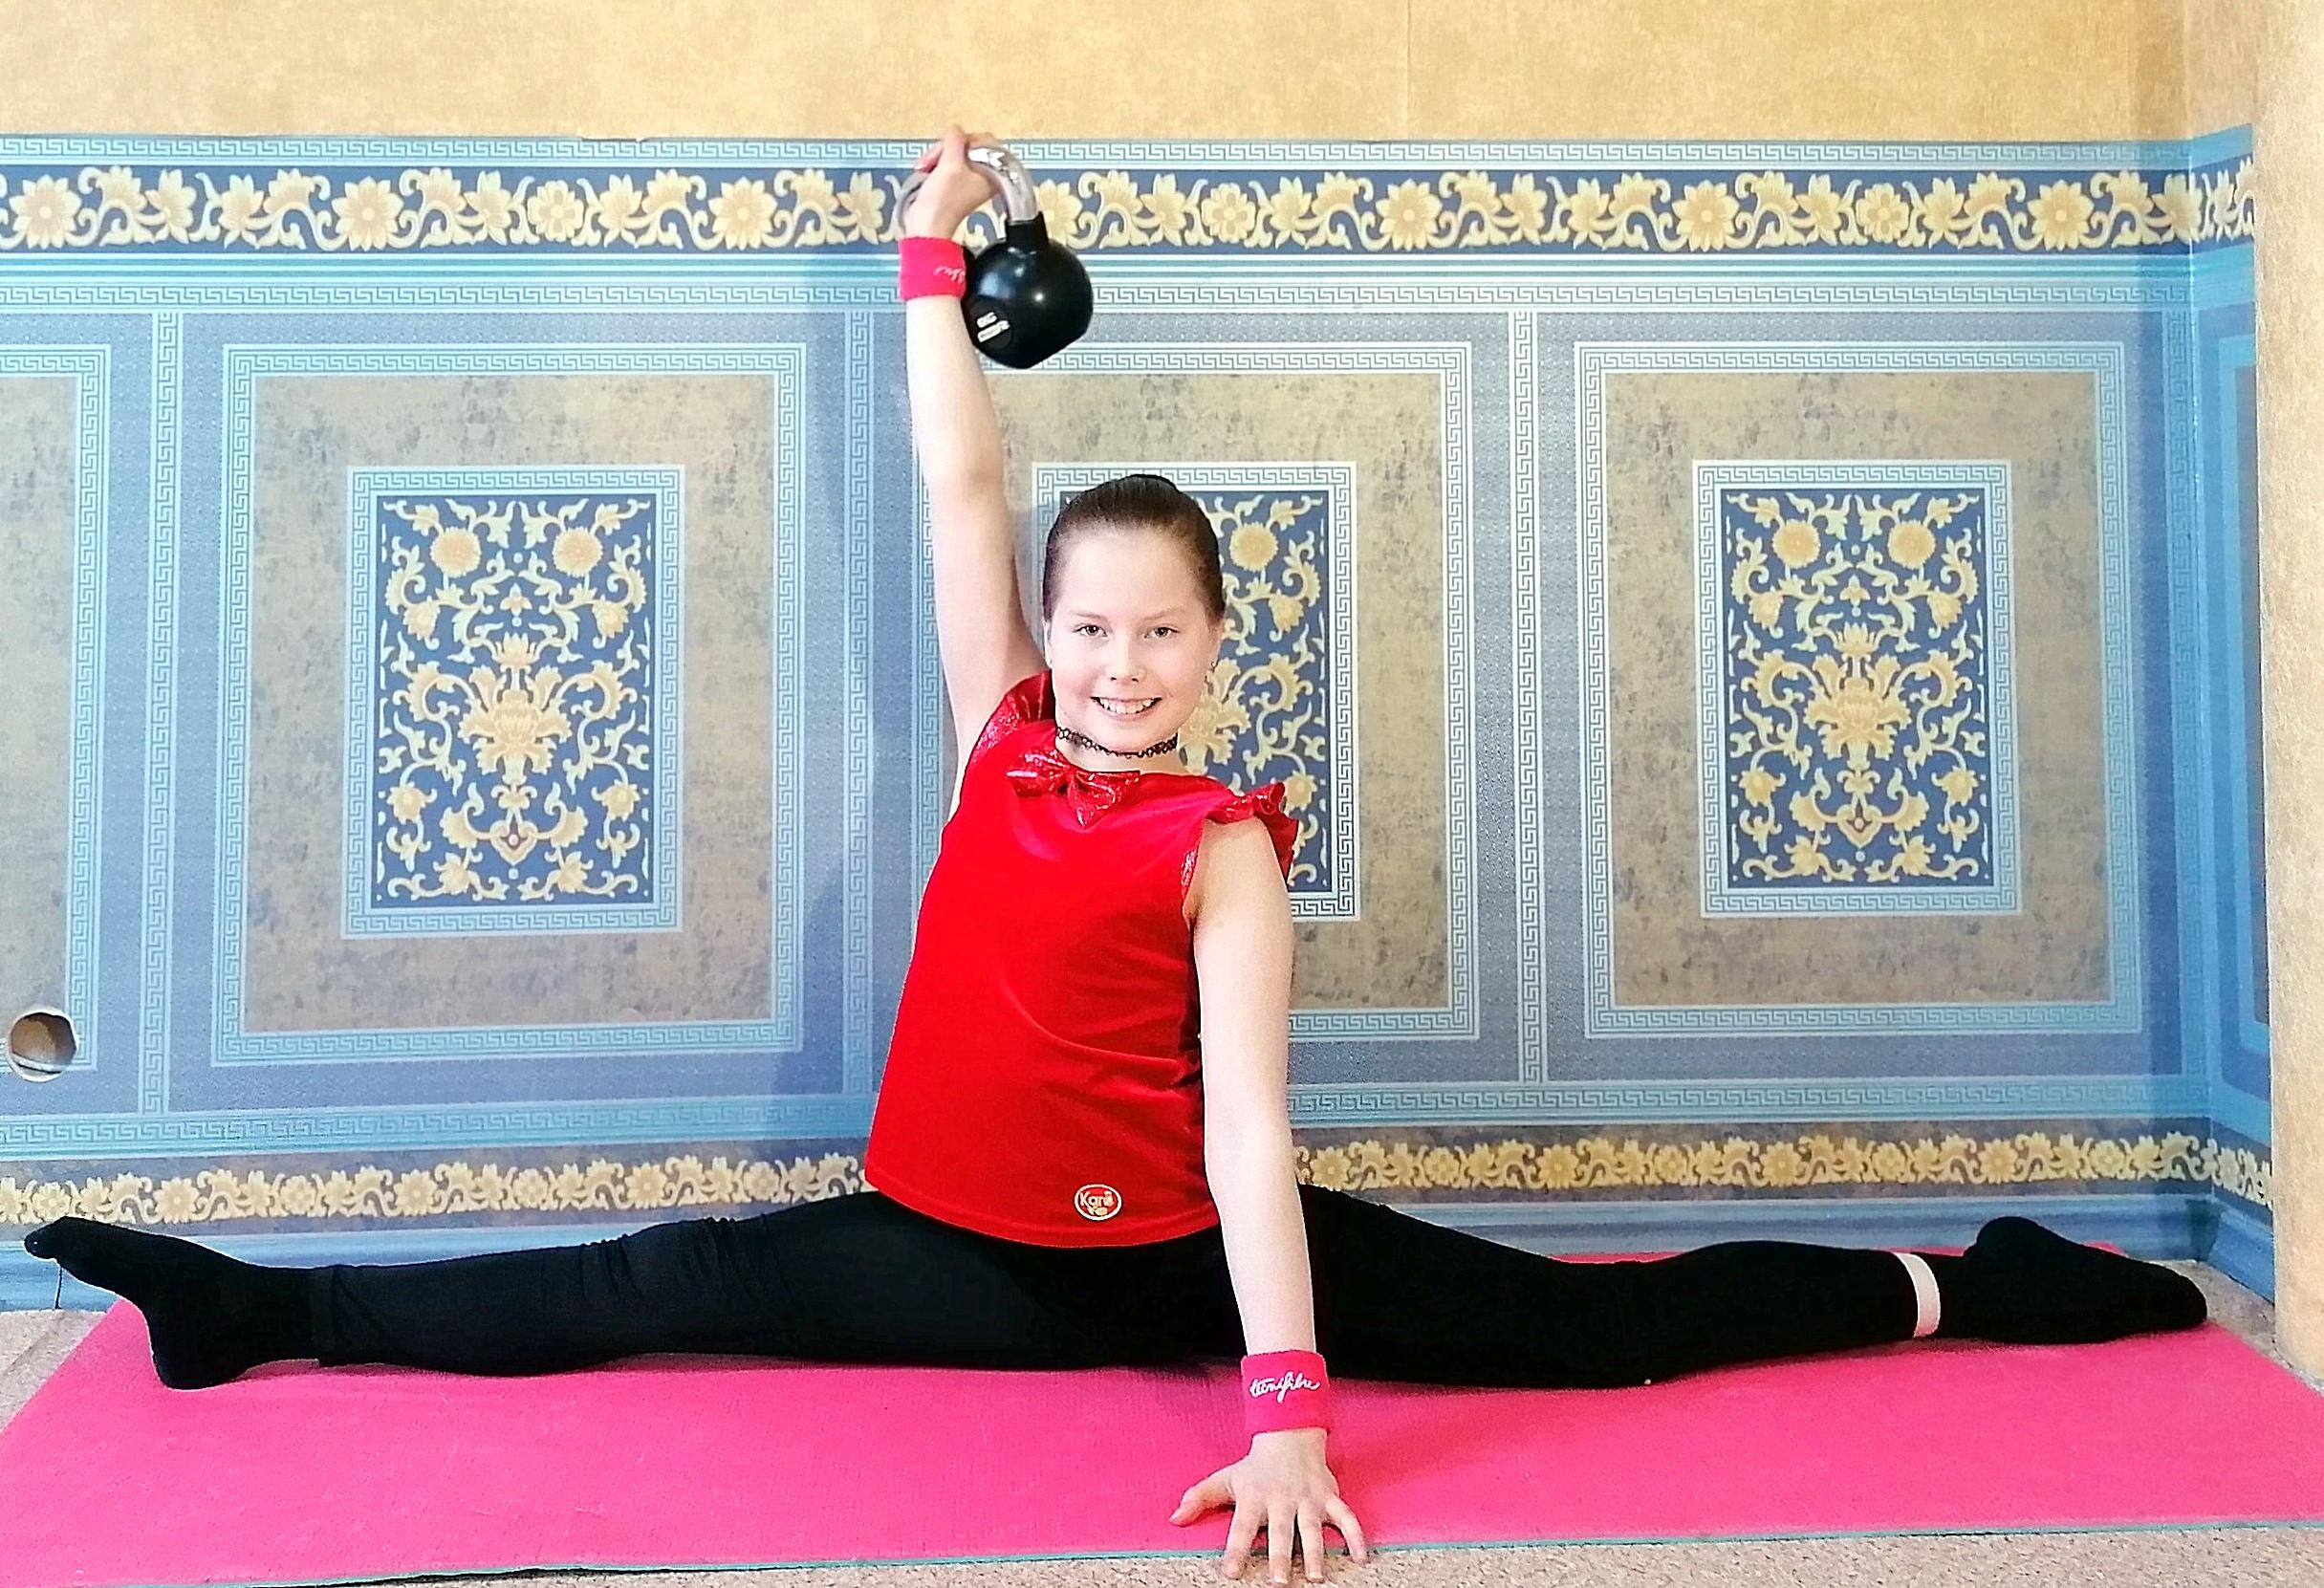 Гиря. Взгляд на тренировки с гирей девочки из Екатеринбурга